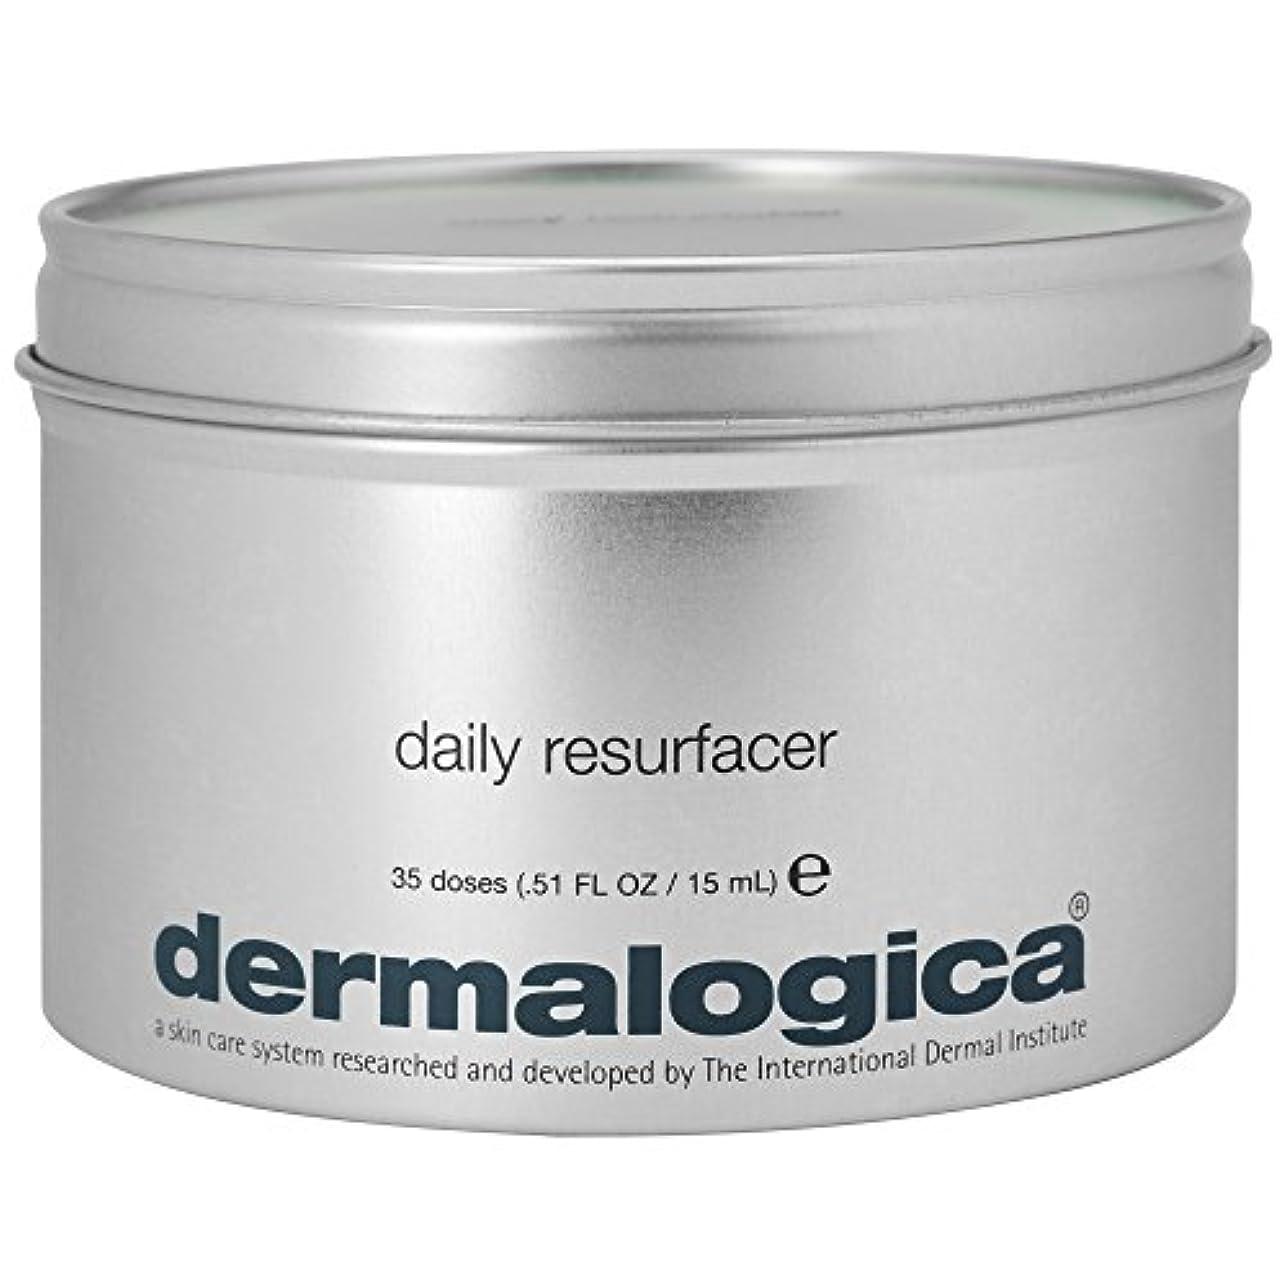 波紋ベッドを作る滞在35のダーマロジカ毎日Resurfacerパック (Dermalogica) (x6) - Dermalogica Daily Resurfacer Pack of 35 (Pack of 6) [並行輸入品]